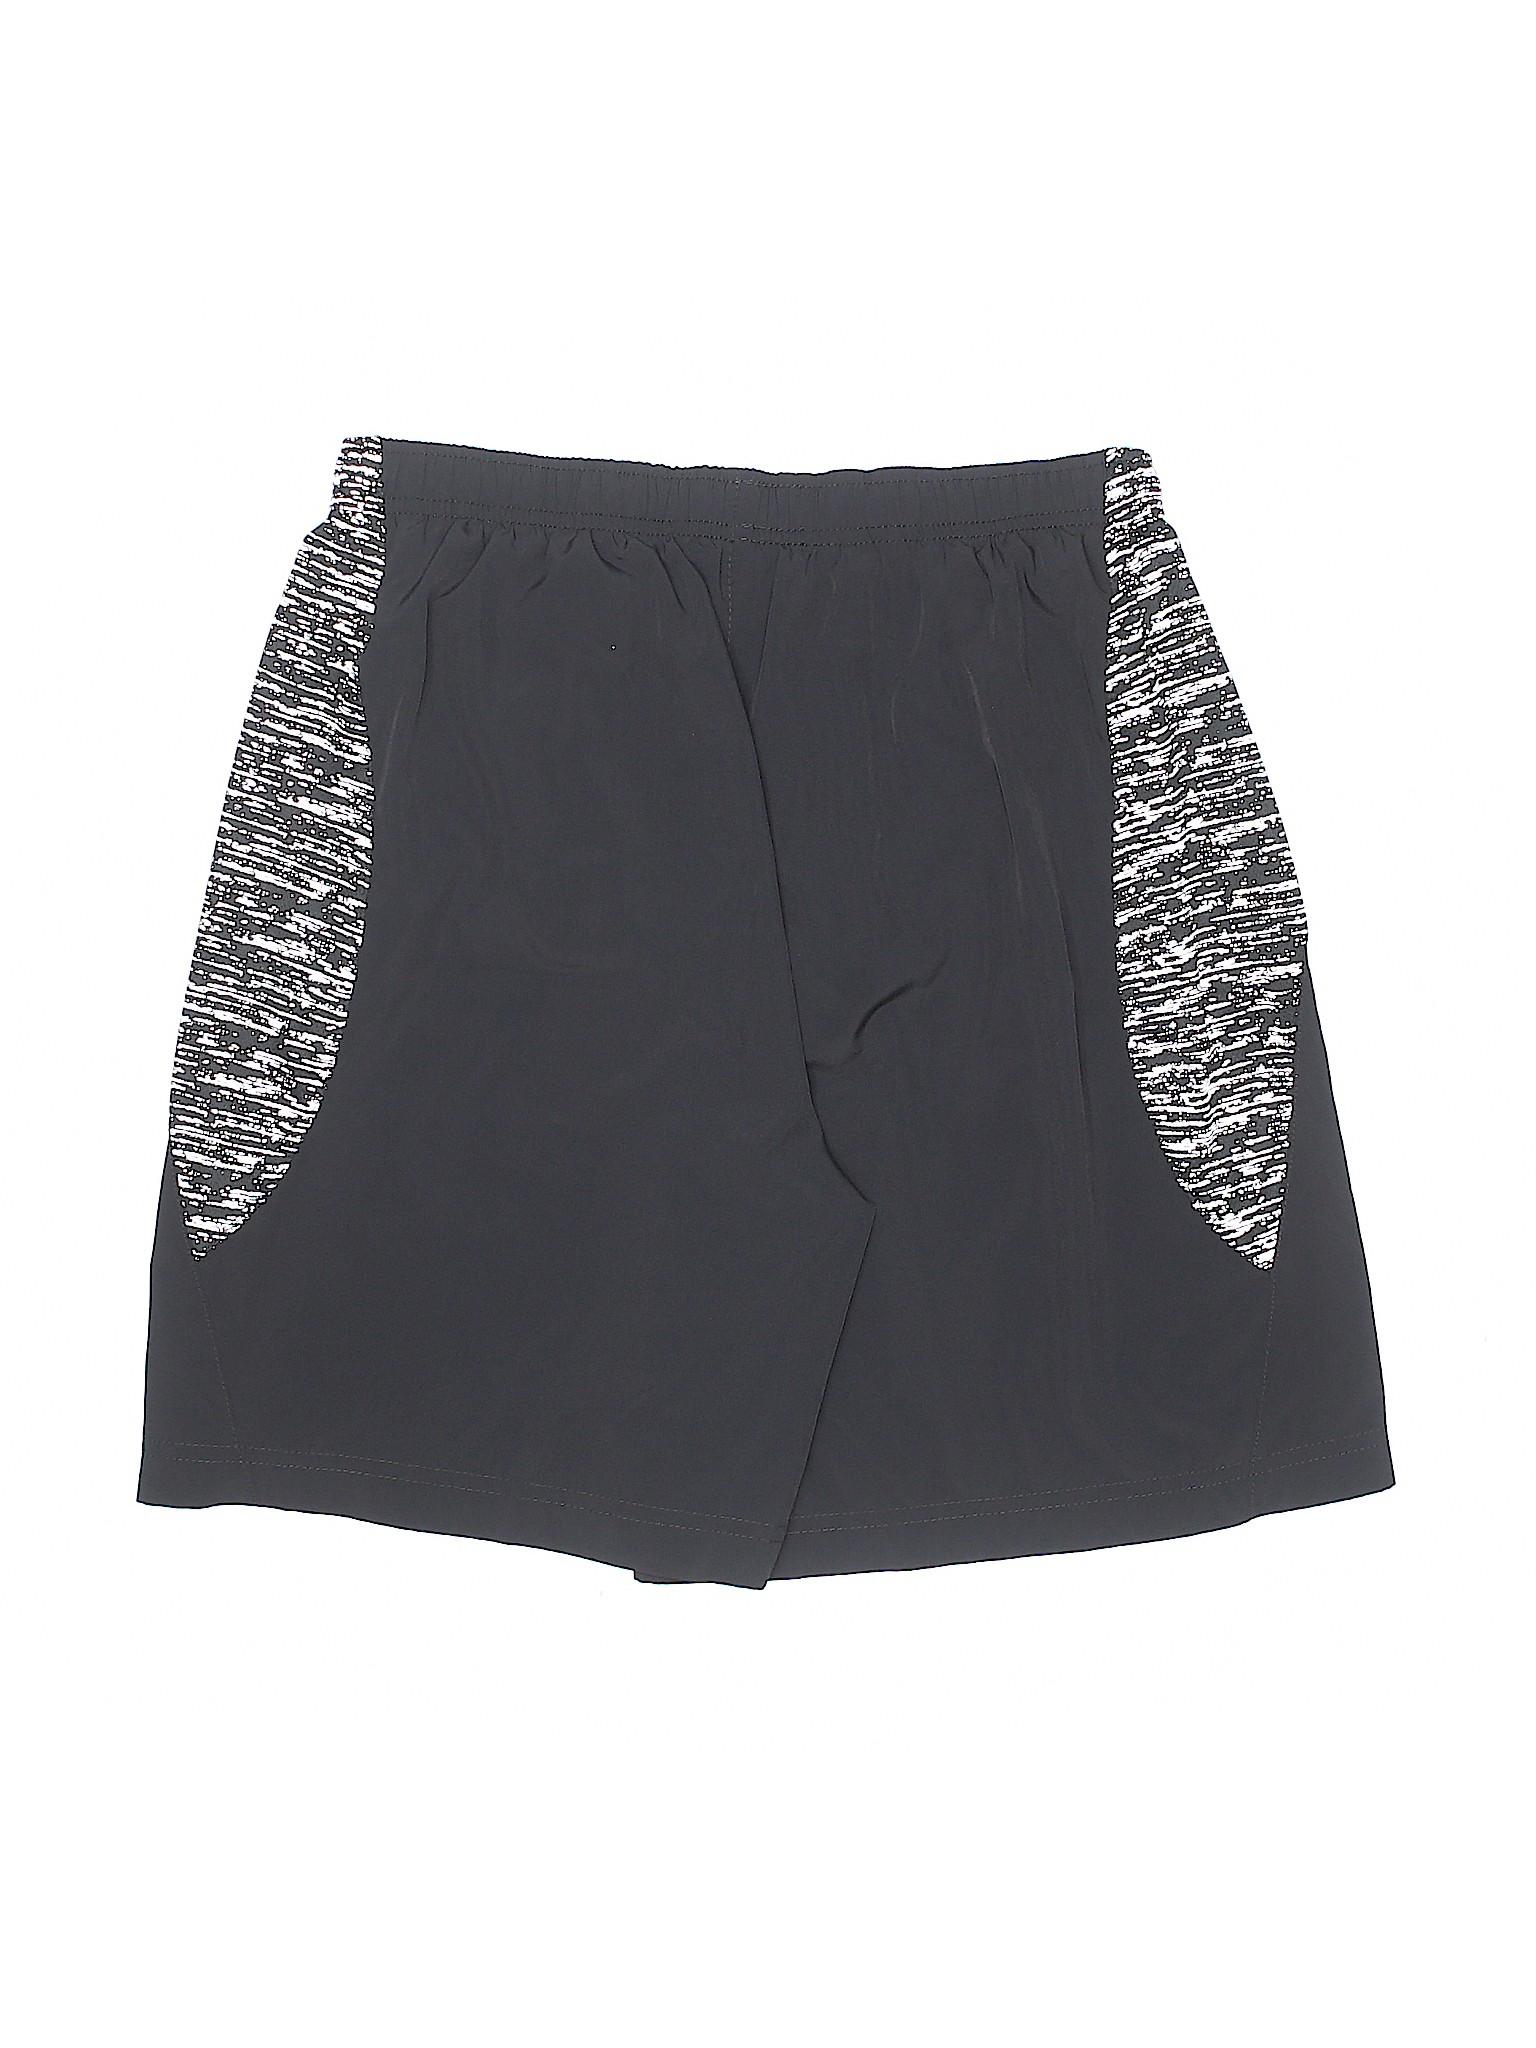 Boutique Shorts Boutique Athletic Boutique Athletic Athletic Bcg Shorts Bcg Bcg wqTzwYx7np